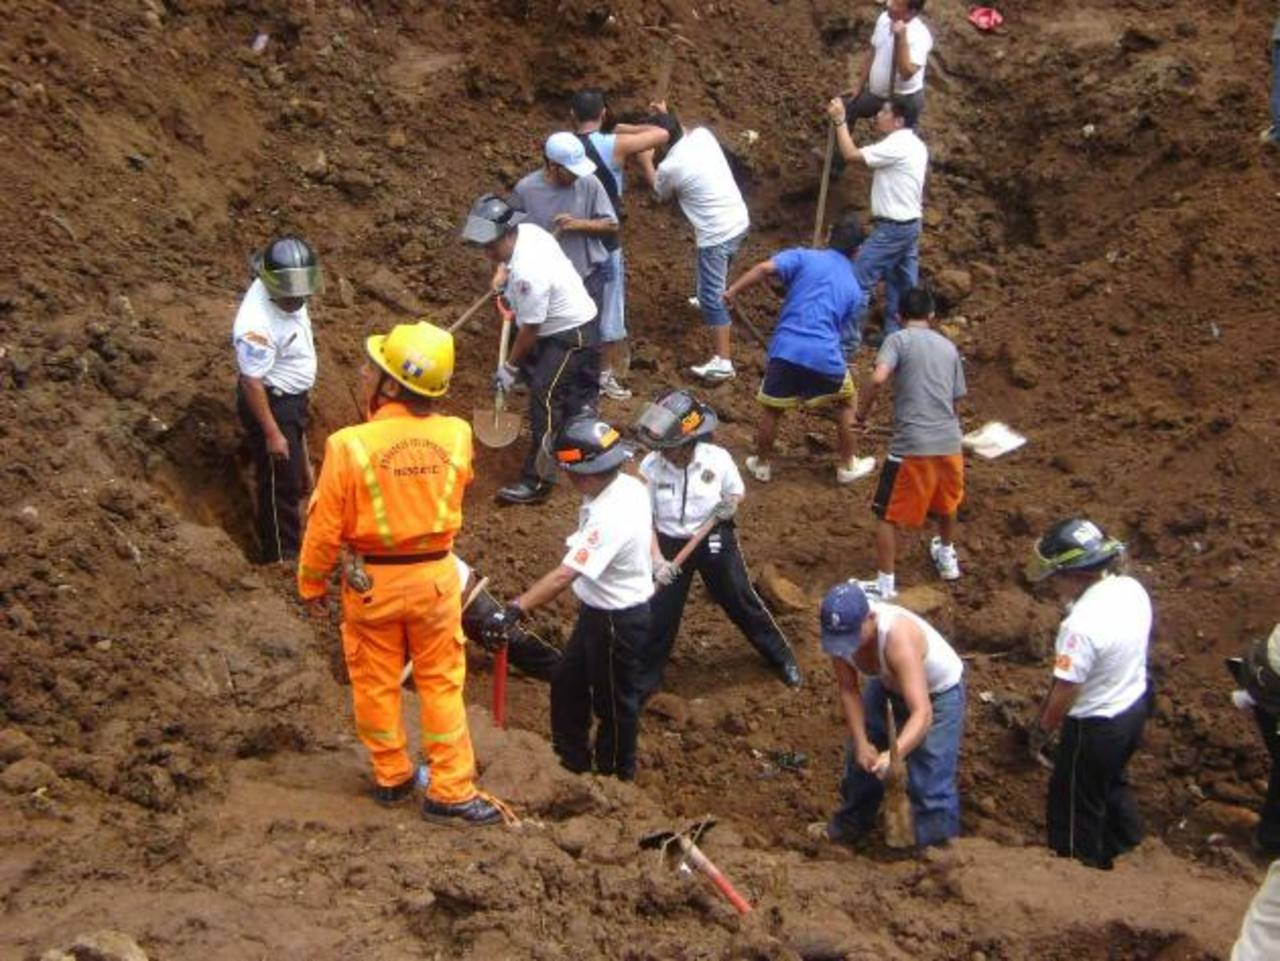 Obreros mueren soterrados por derrumbe en Guatemala